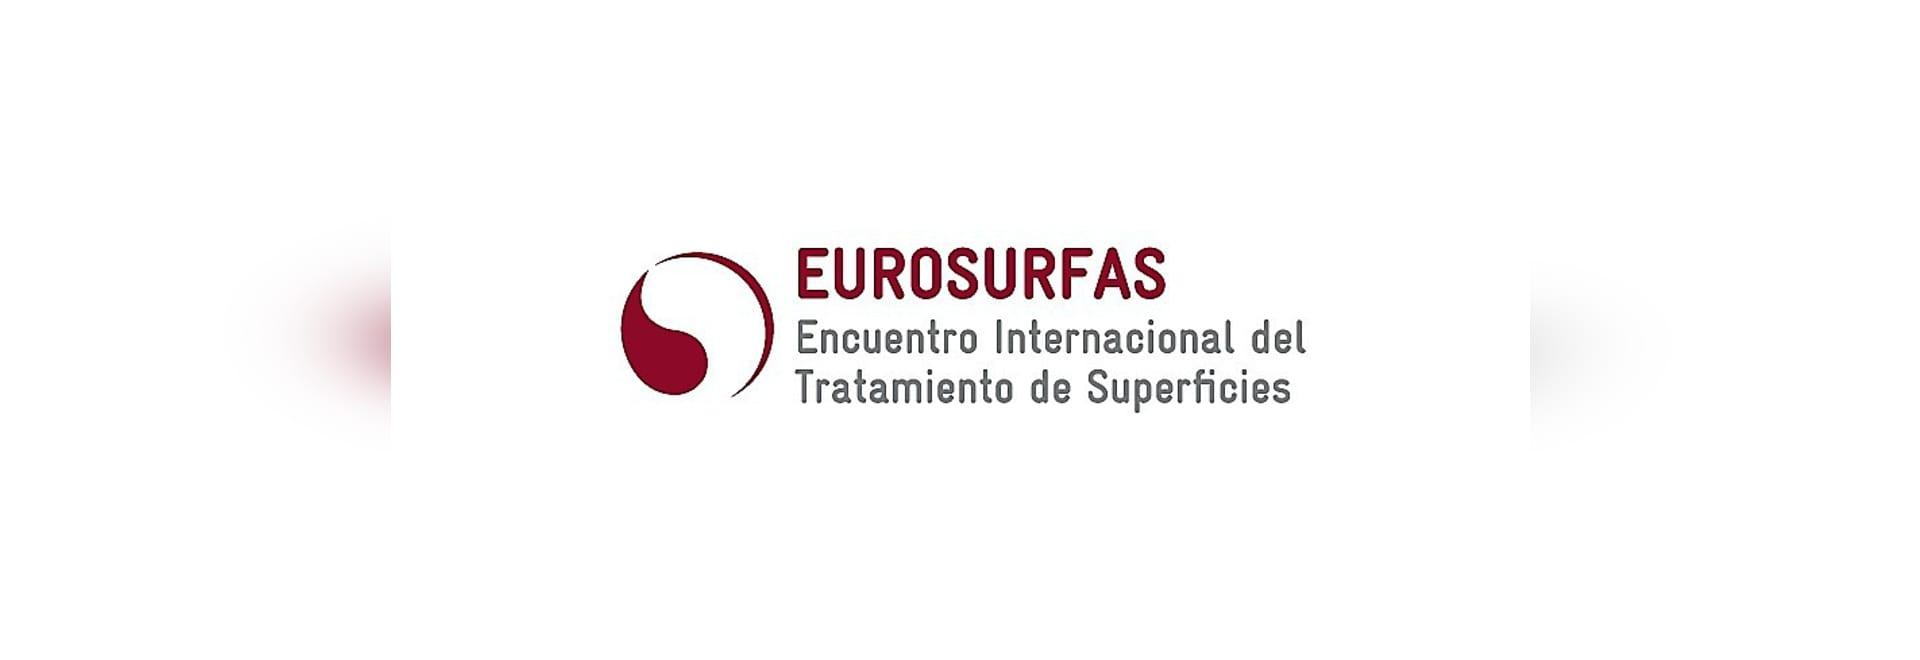 ABSHOT SUCCES AT EUROSURFAS FAIR